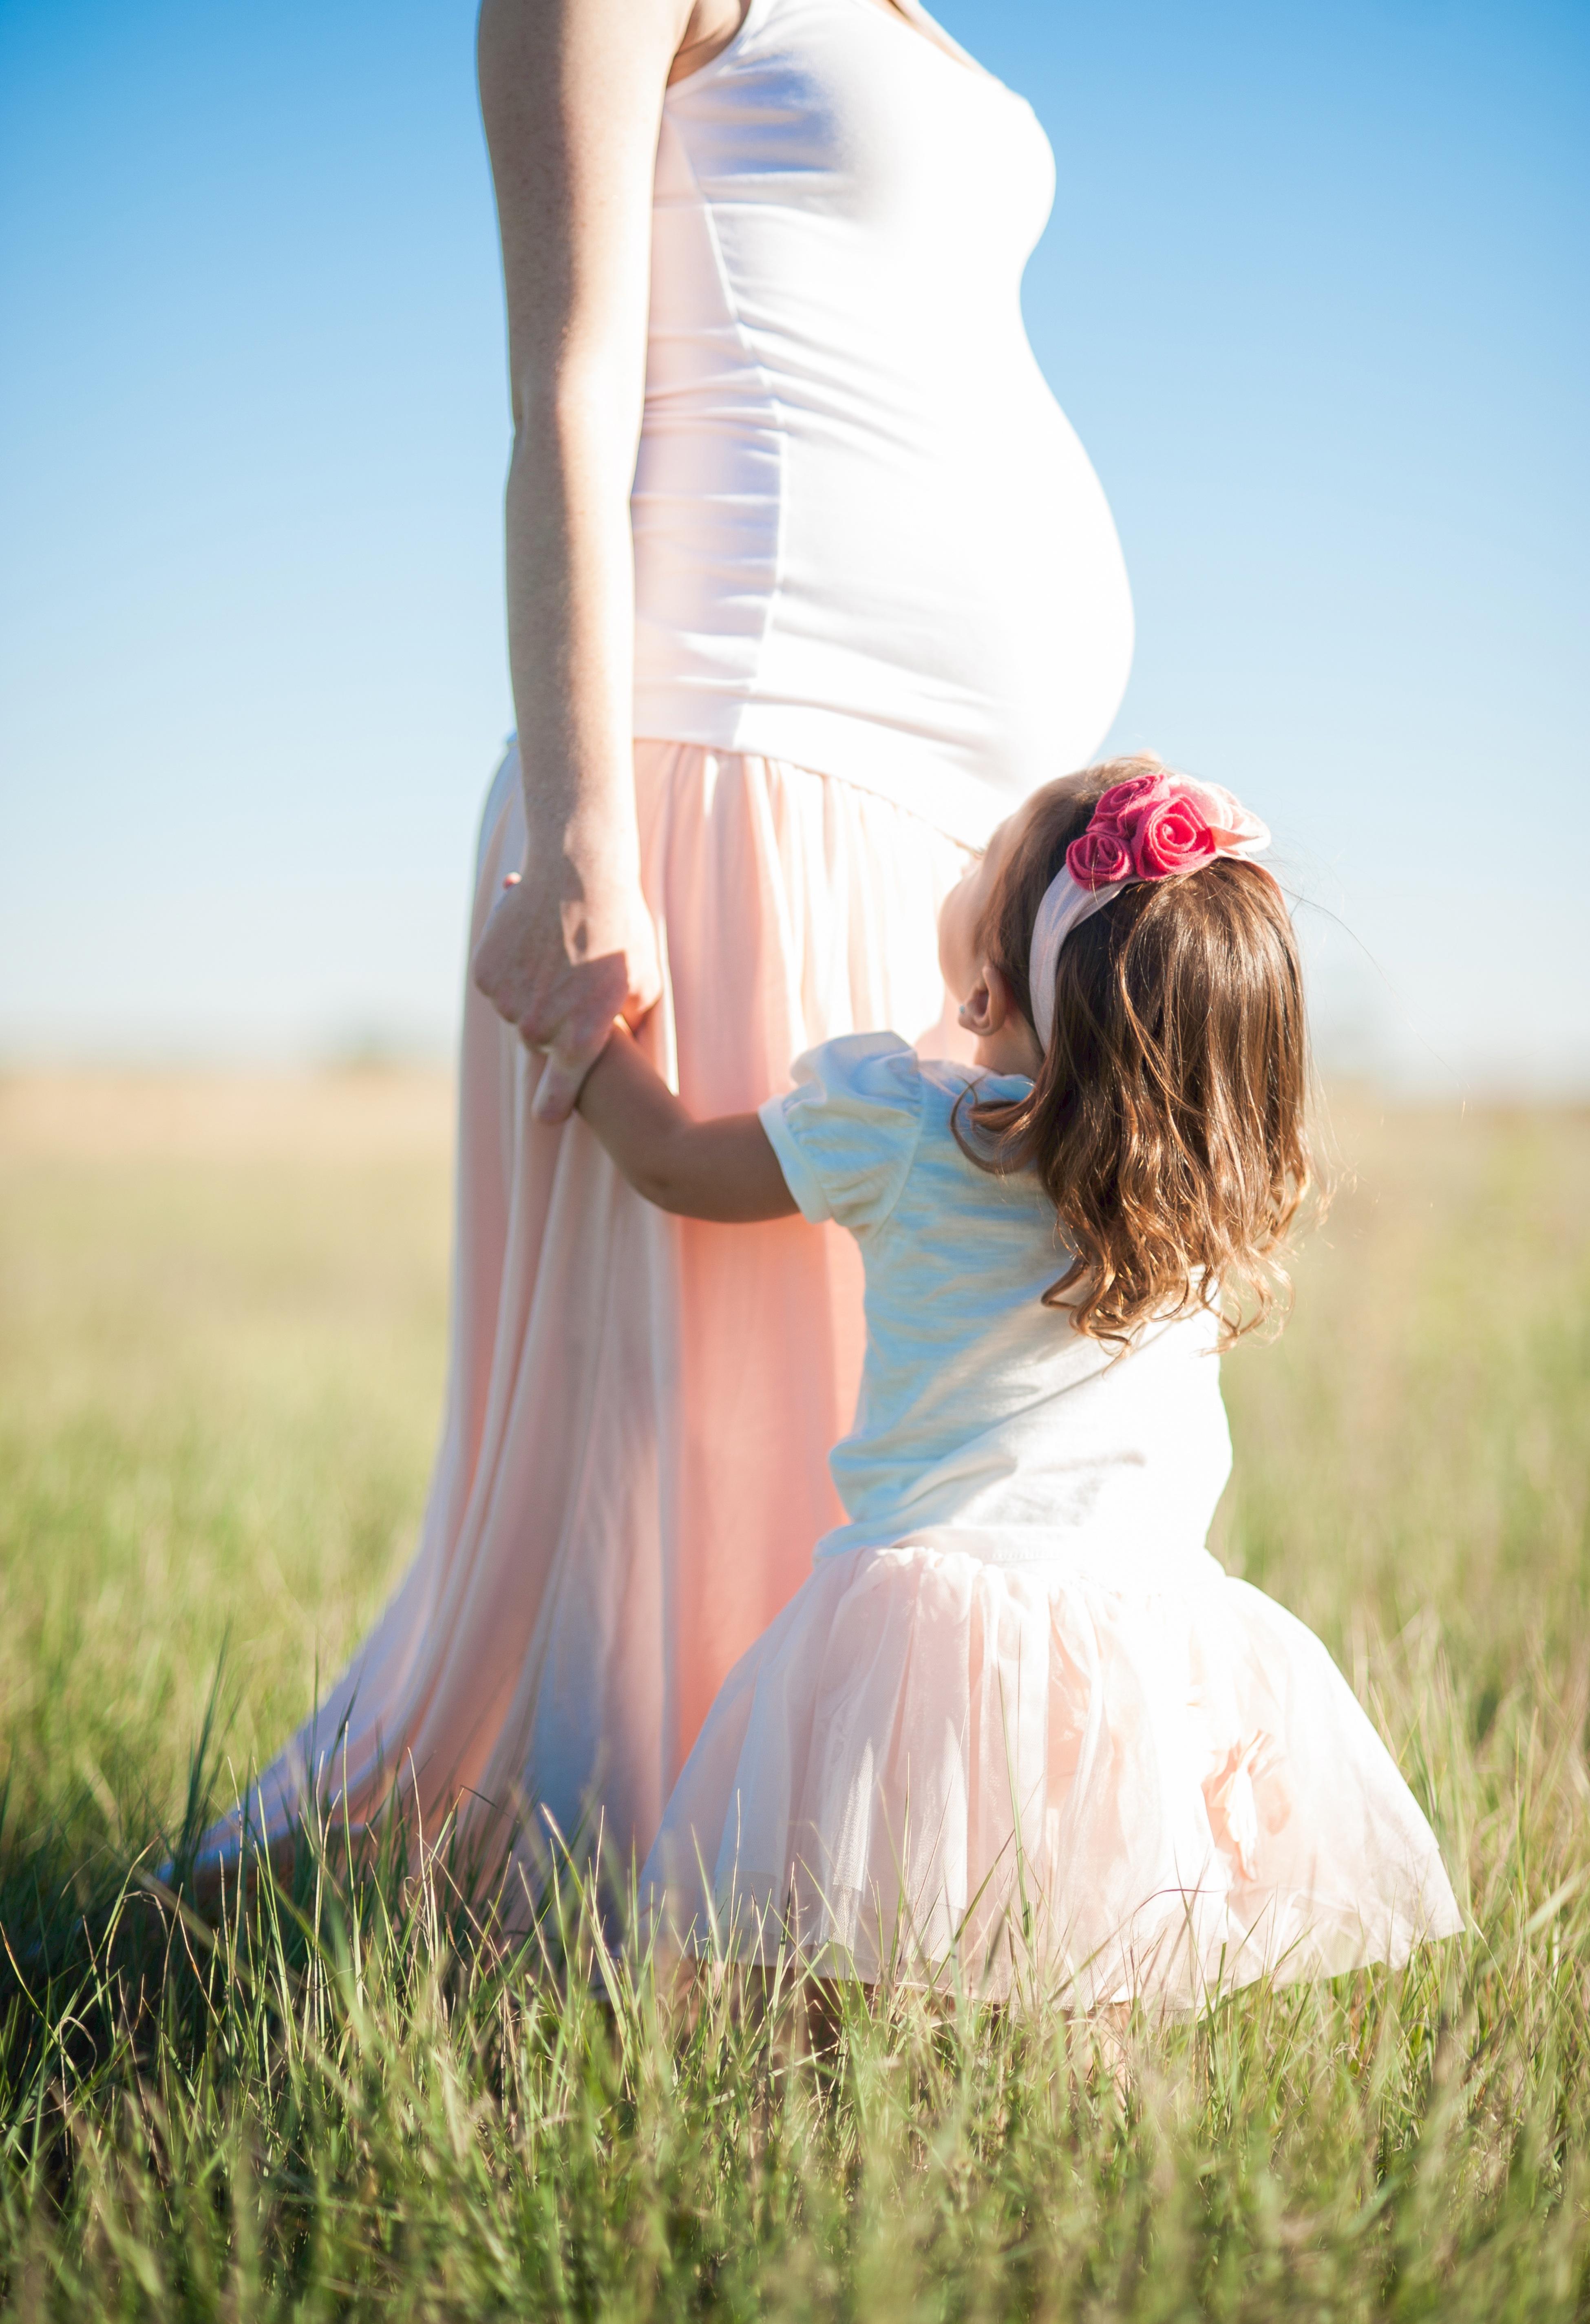 44b4c41b3 persona mujer fotografía prado flor primavera romance niño azul novia el embarazo  vestir madre fotografía embarazada